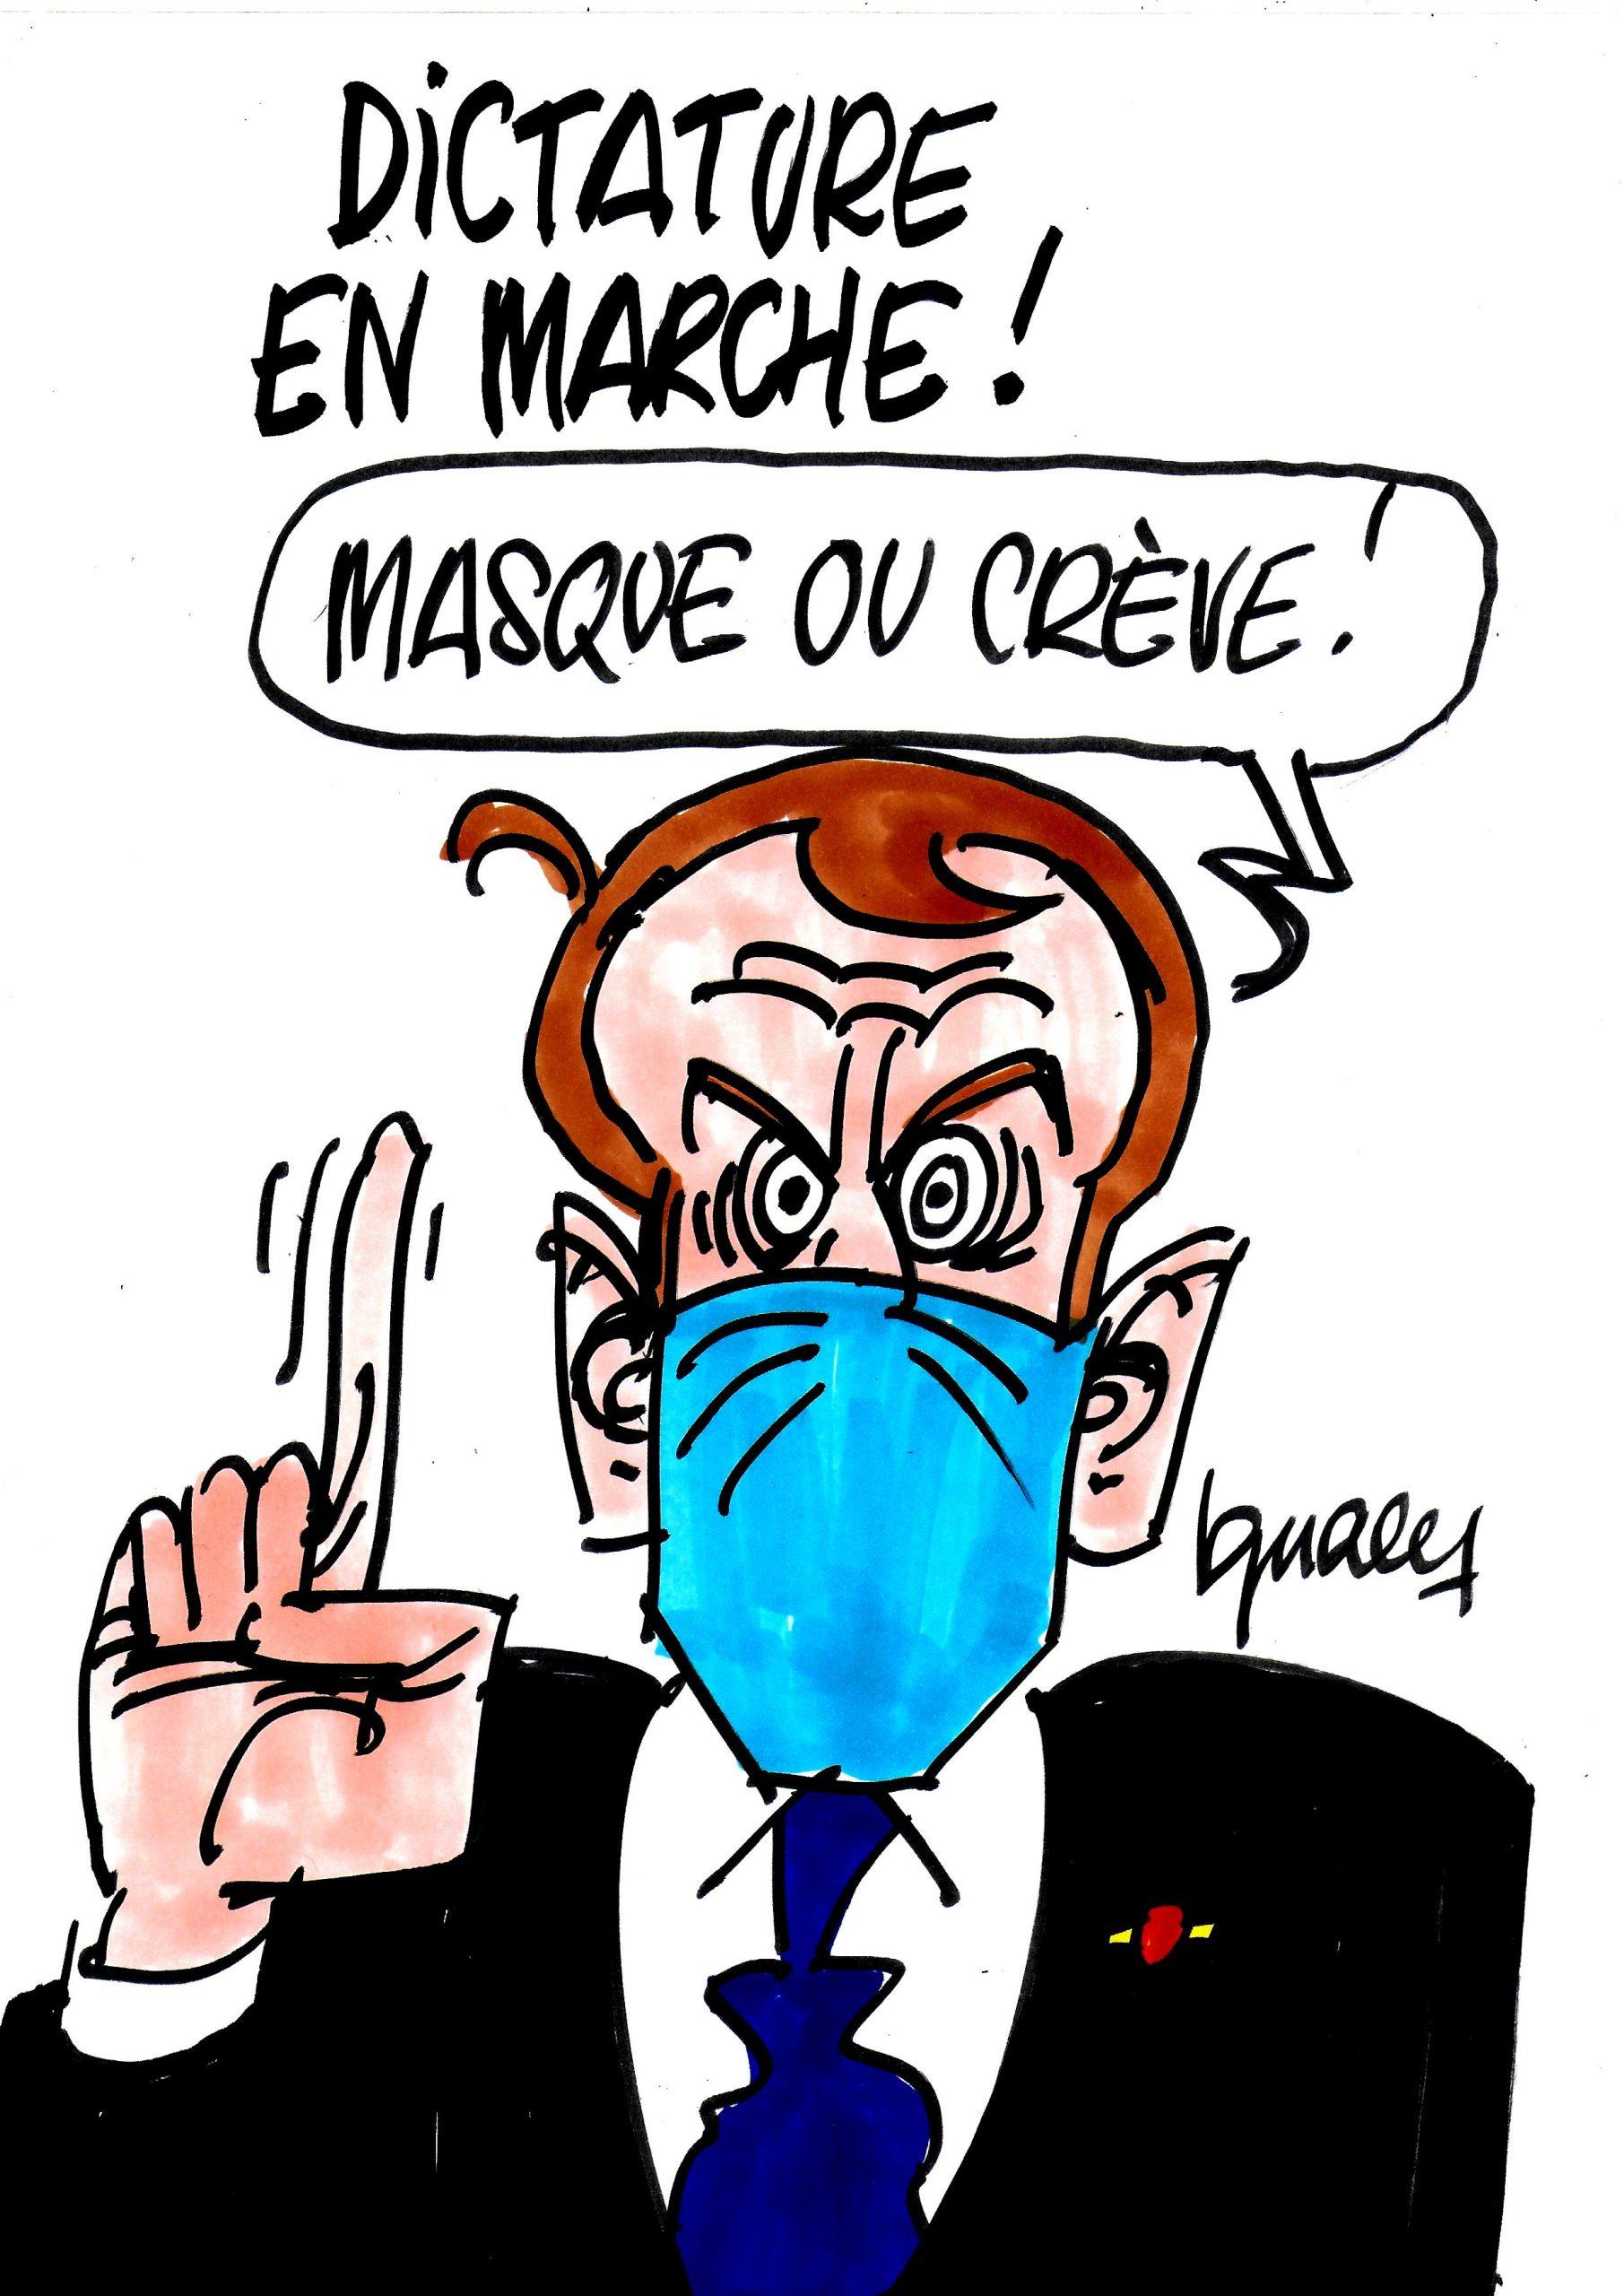 Ignace - Dictature en marche